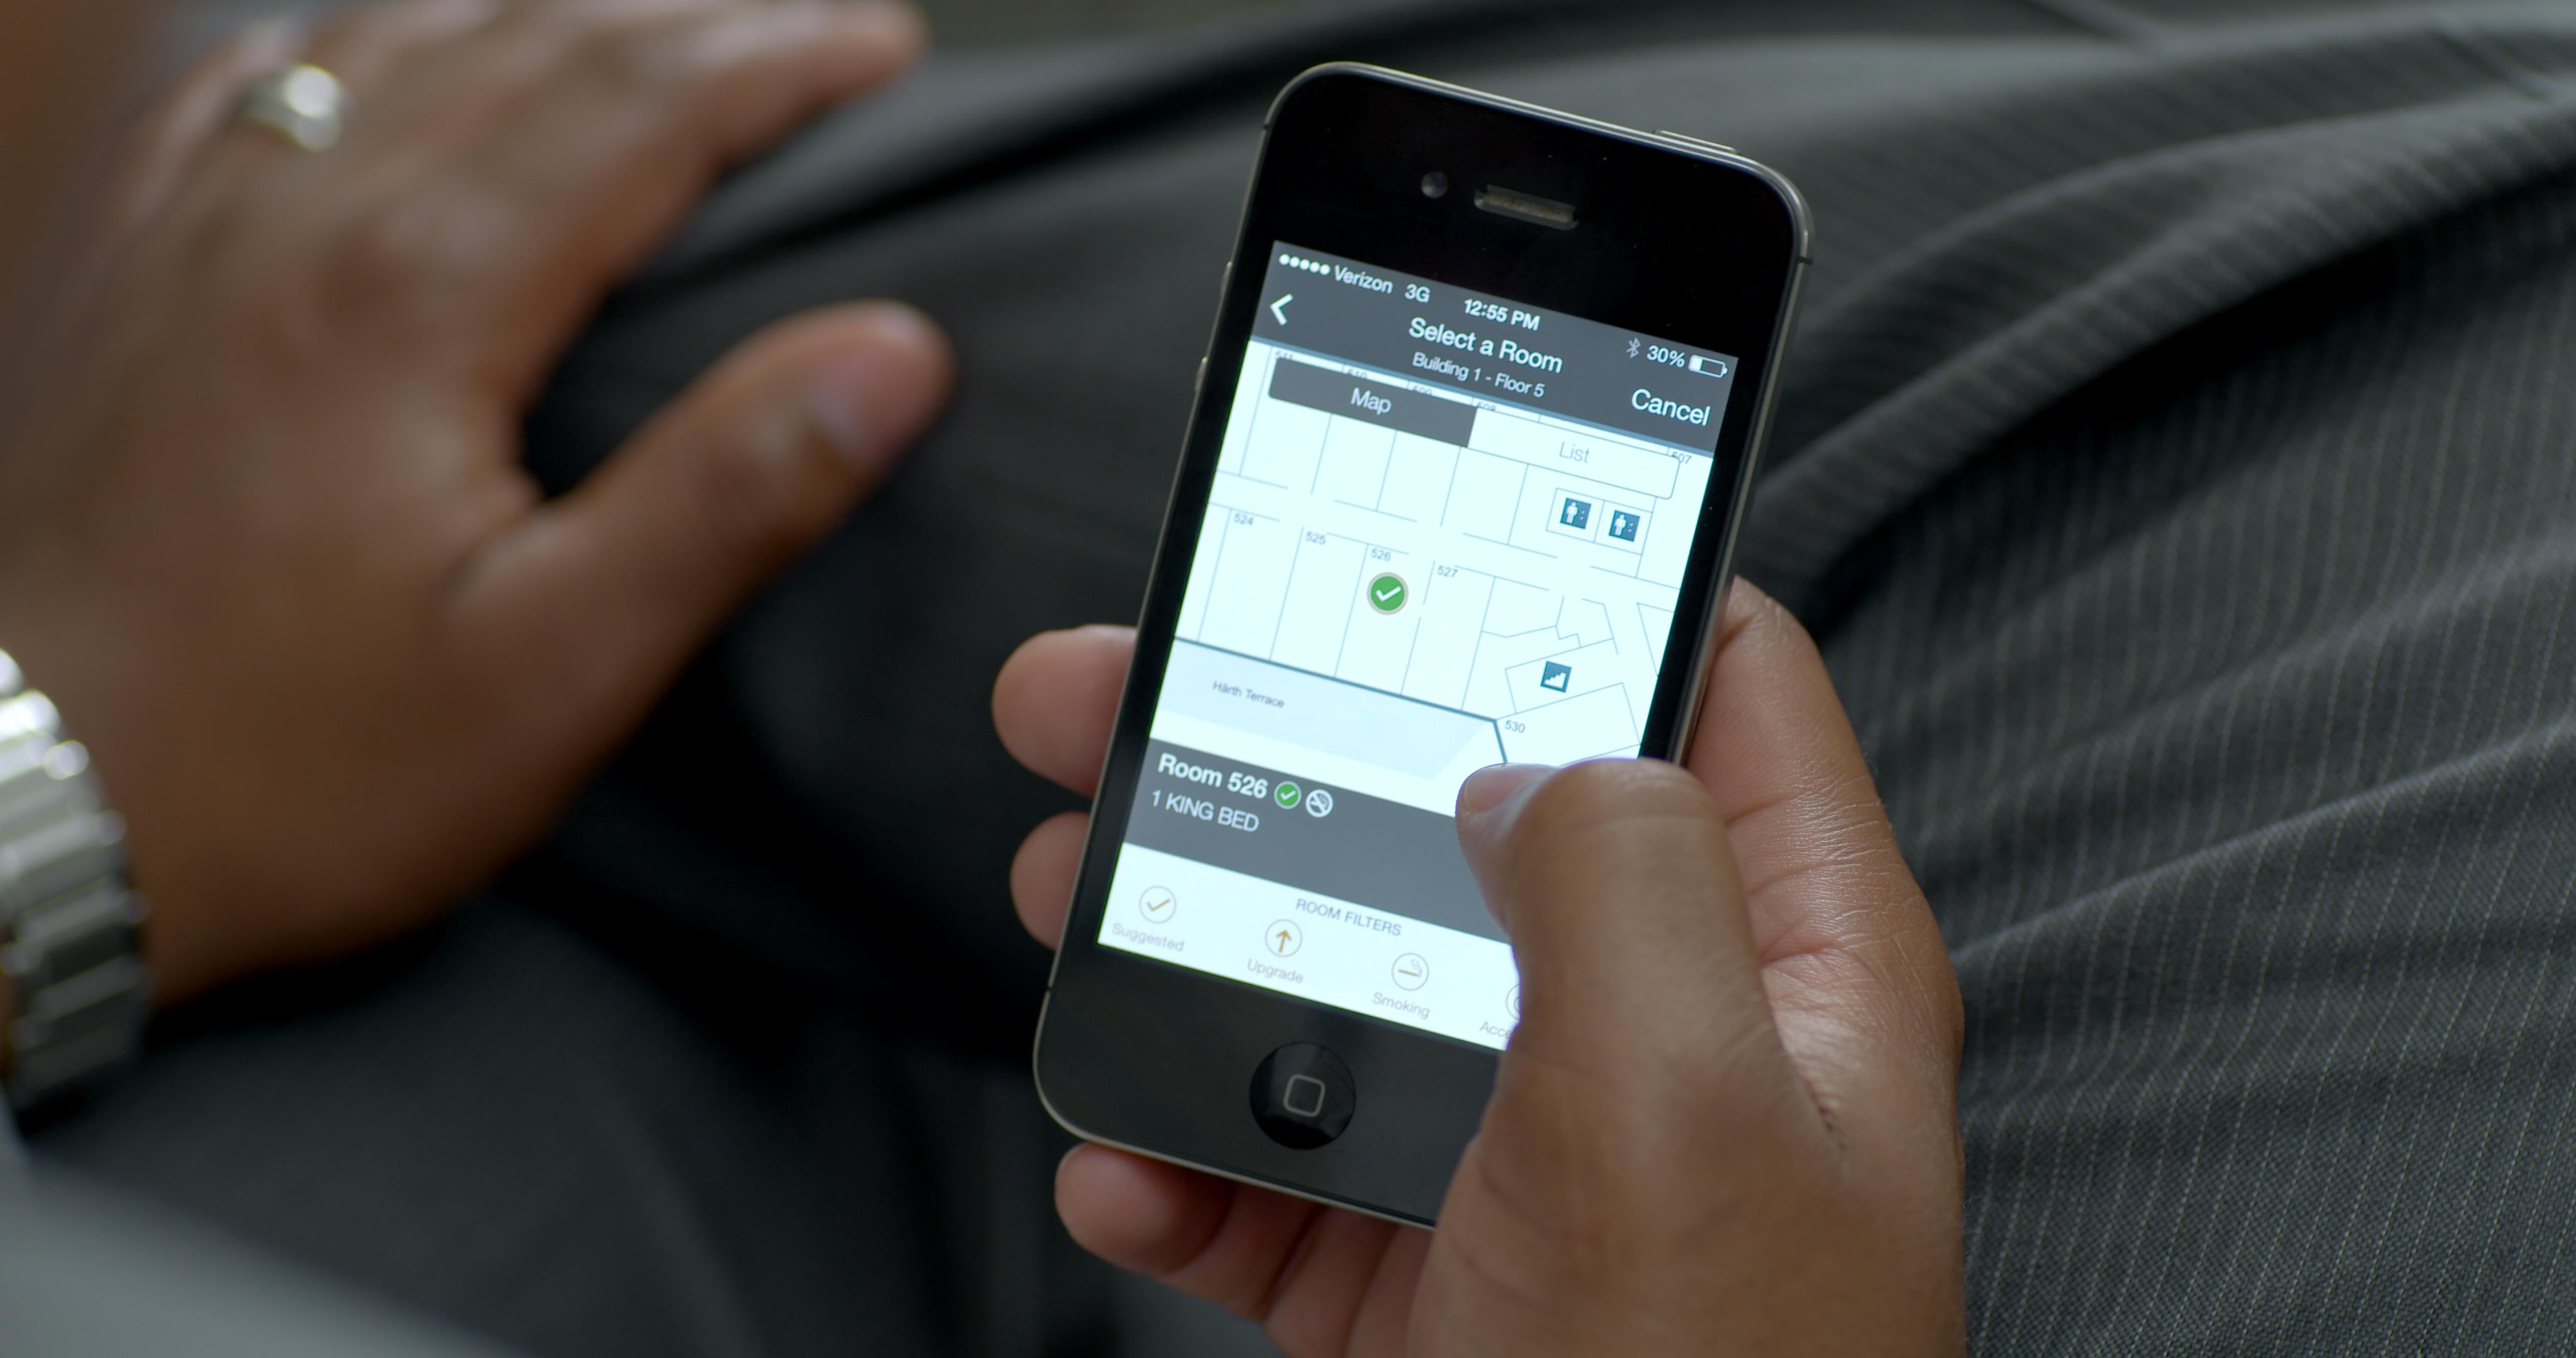 Mobiler Check-in in Zimmer wird auch bei Airbnb zum Standdard / Foto: Business Wire